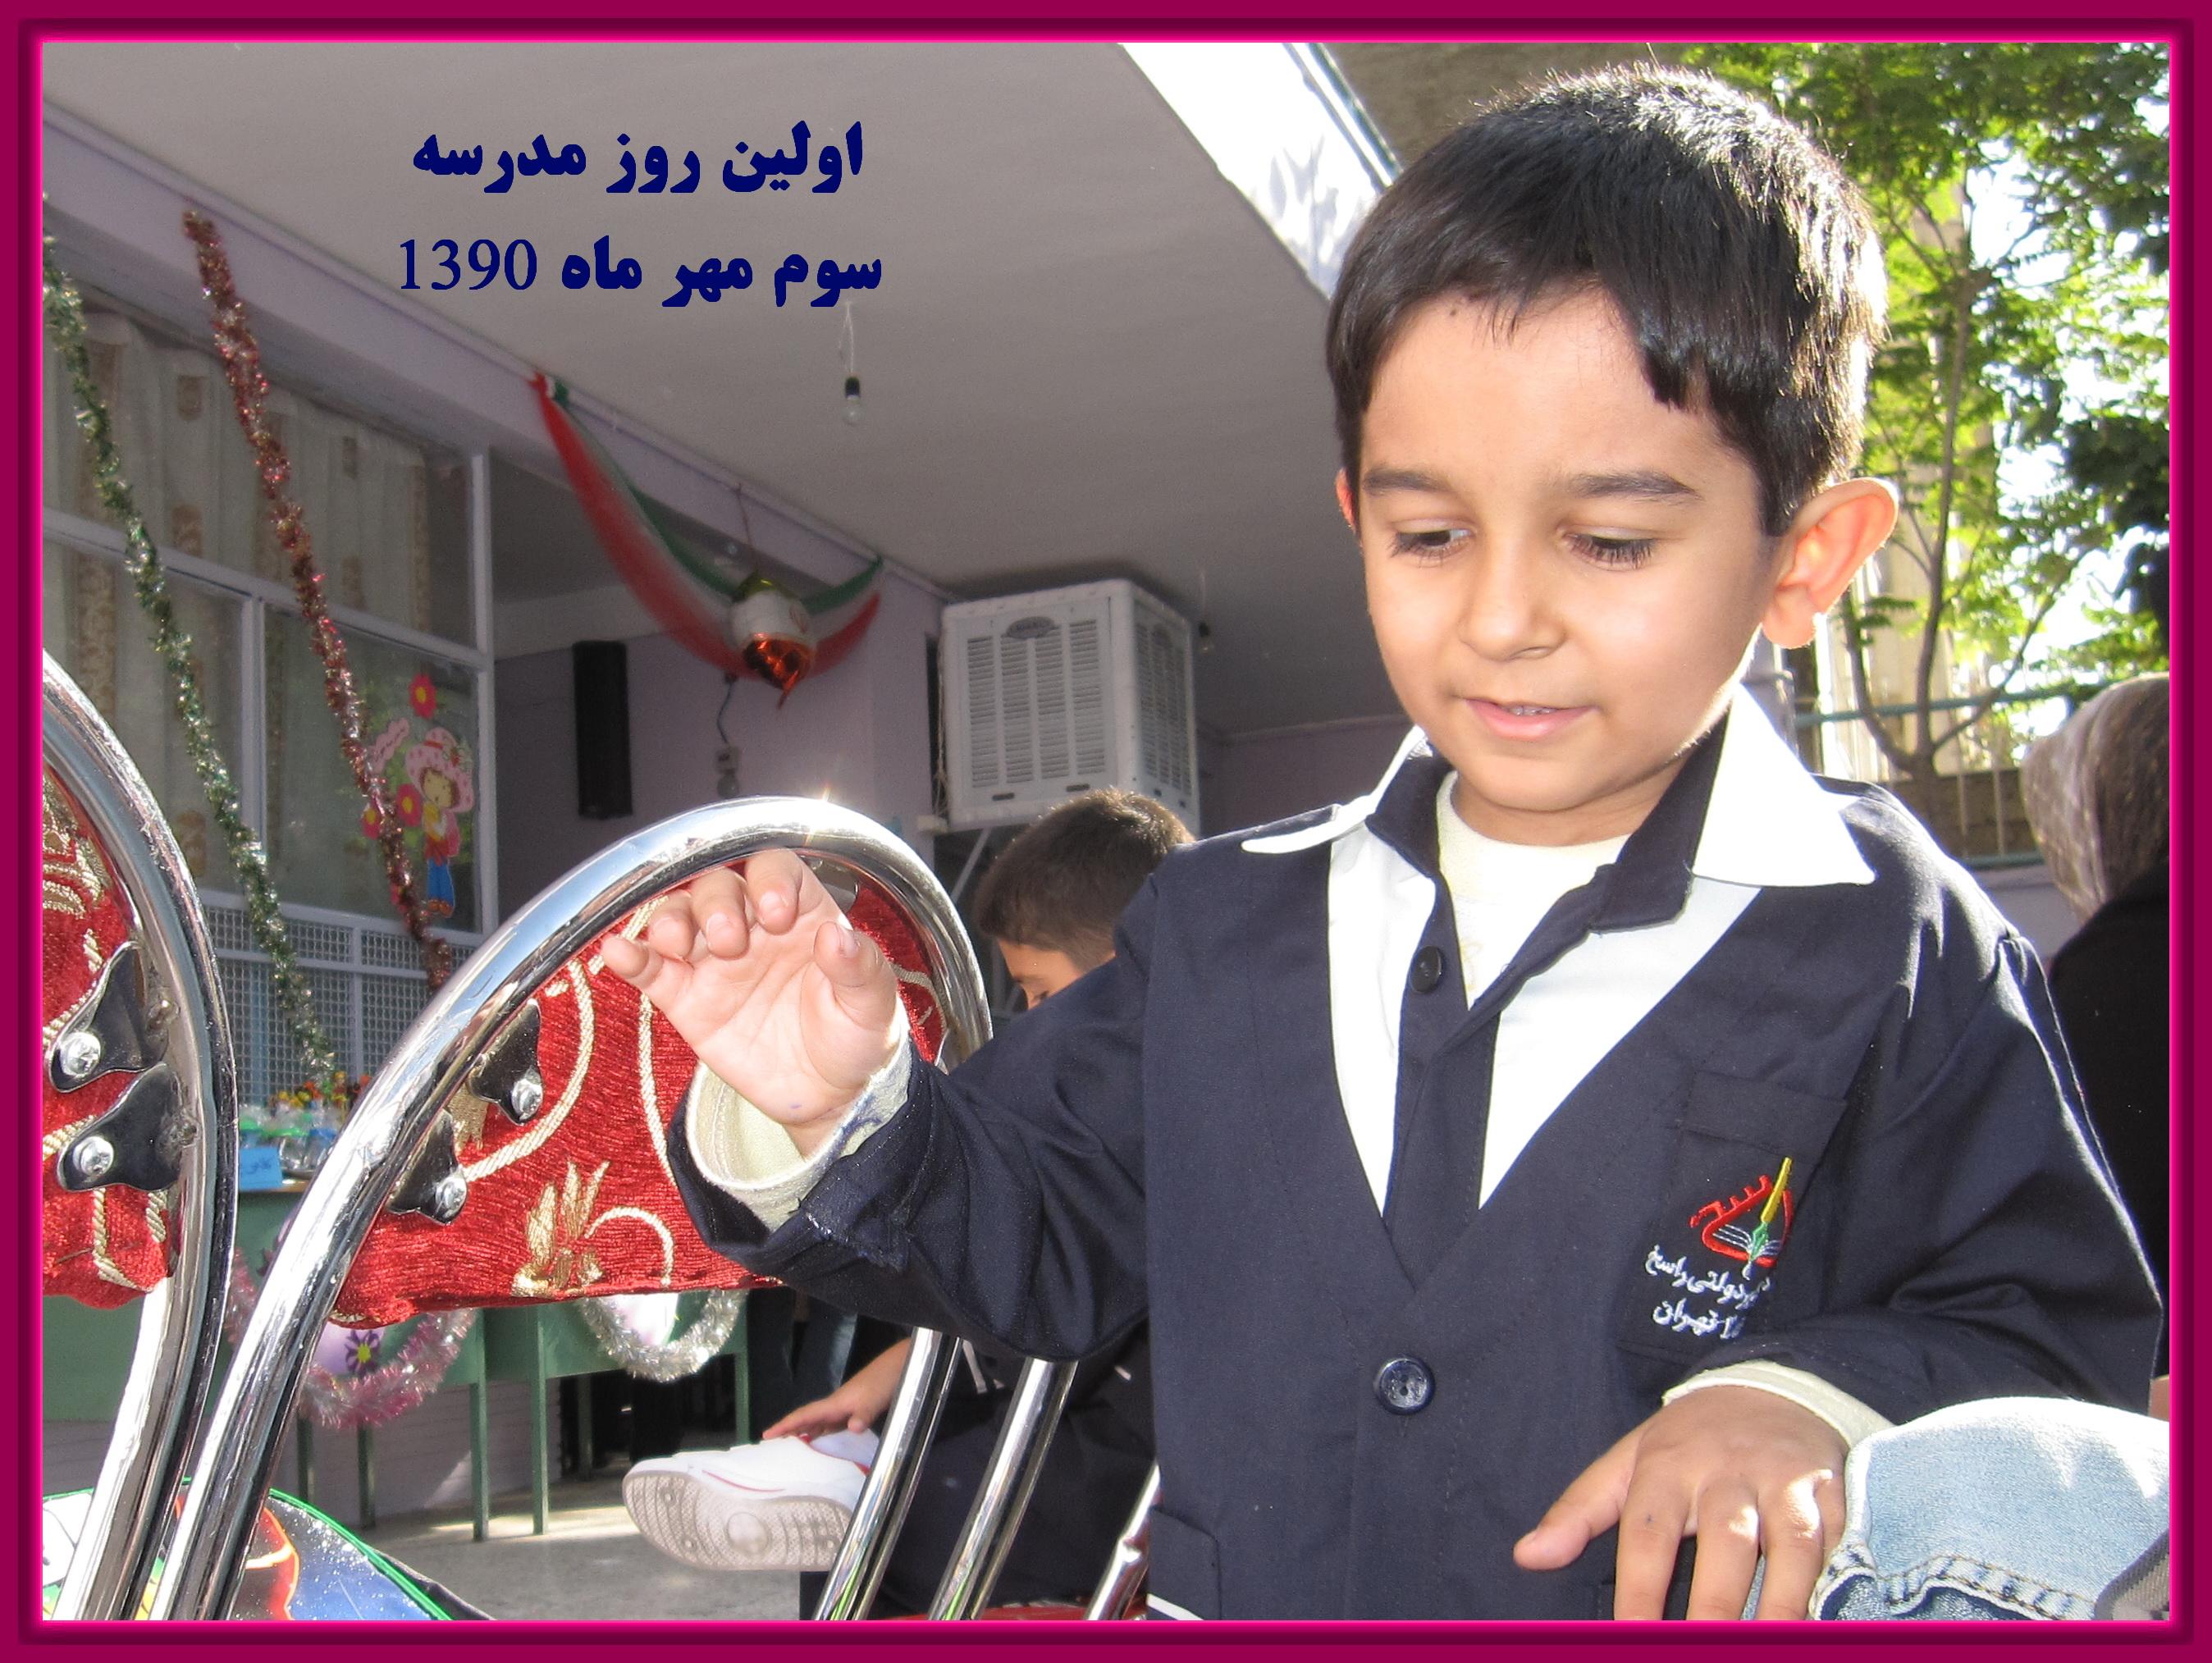 اولین روز مدرسه ، علیرضا امیرخانی